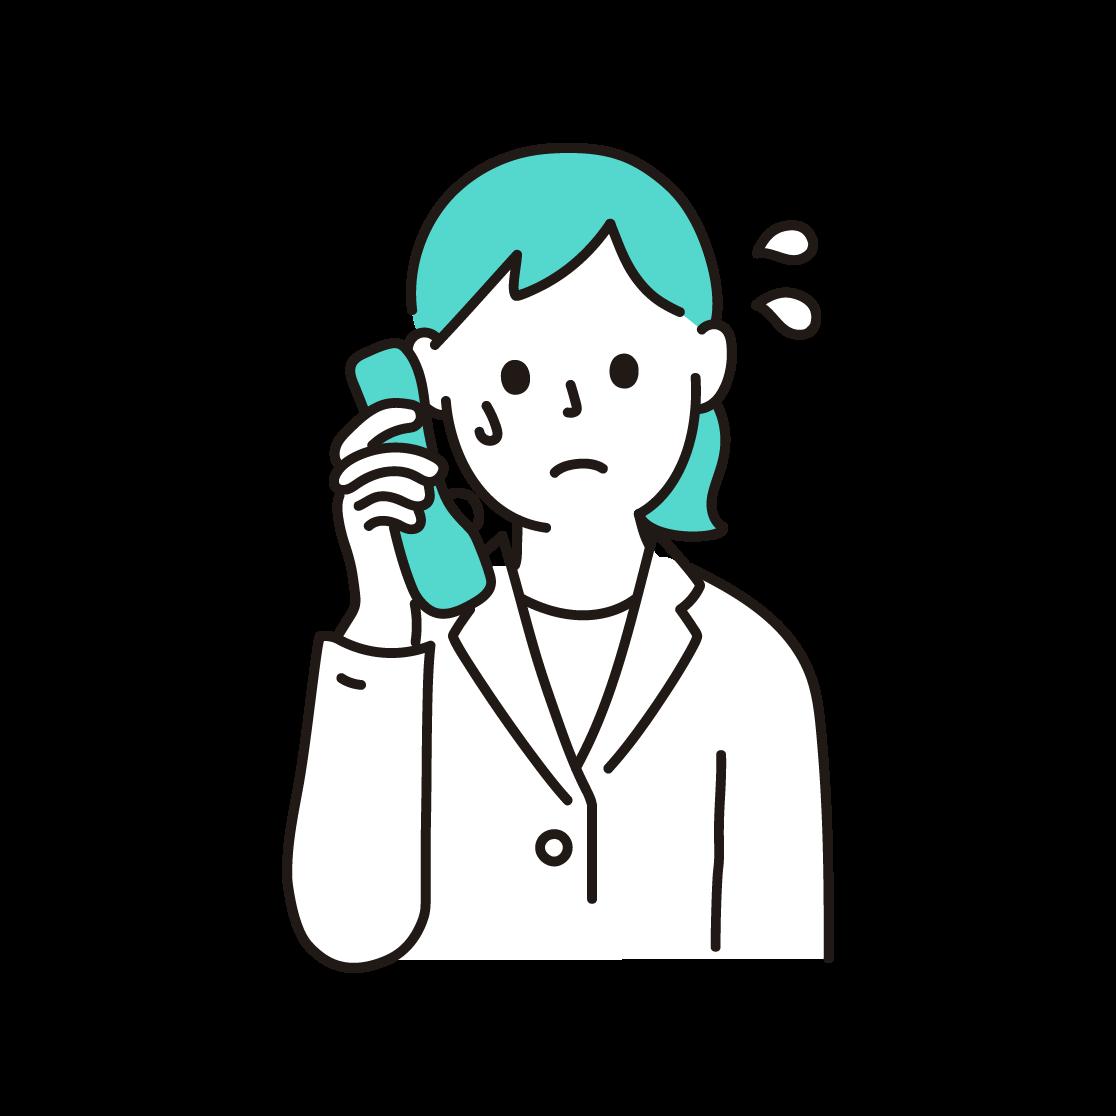 問い合わせの電話に追われる店員の単色イラスト